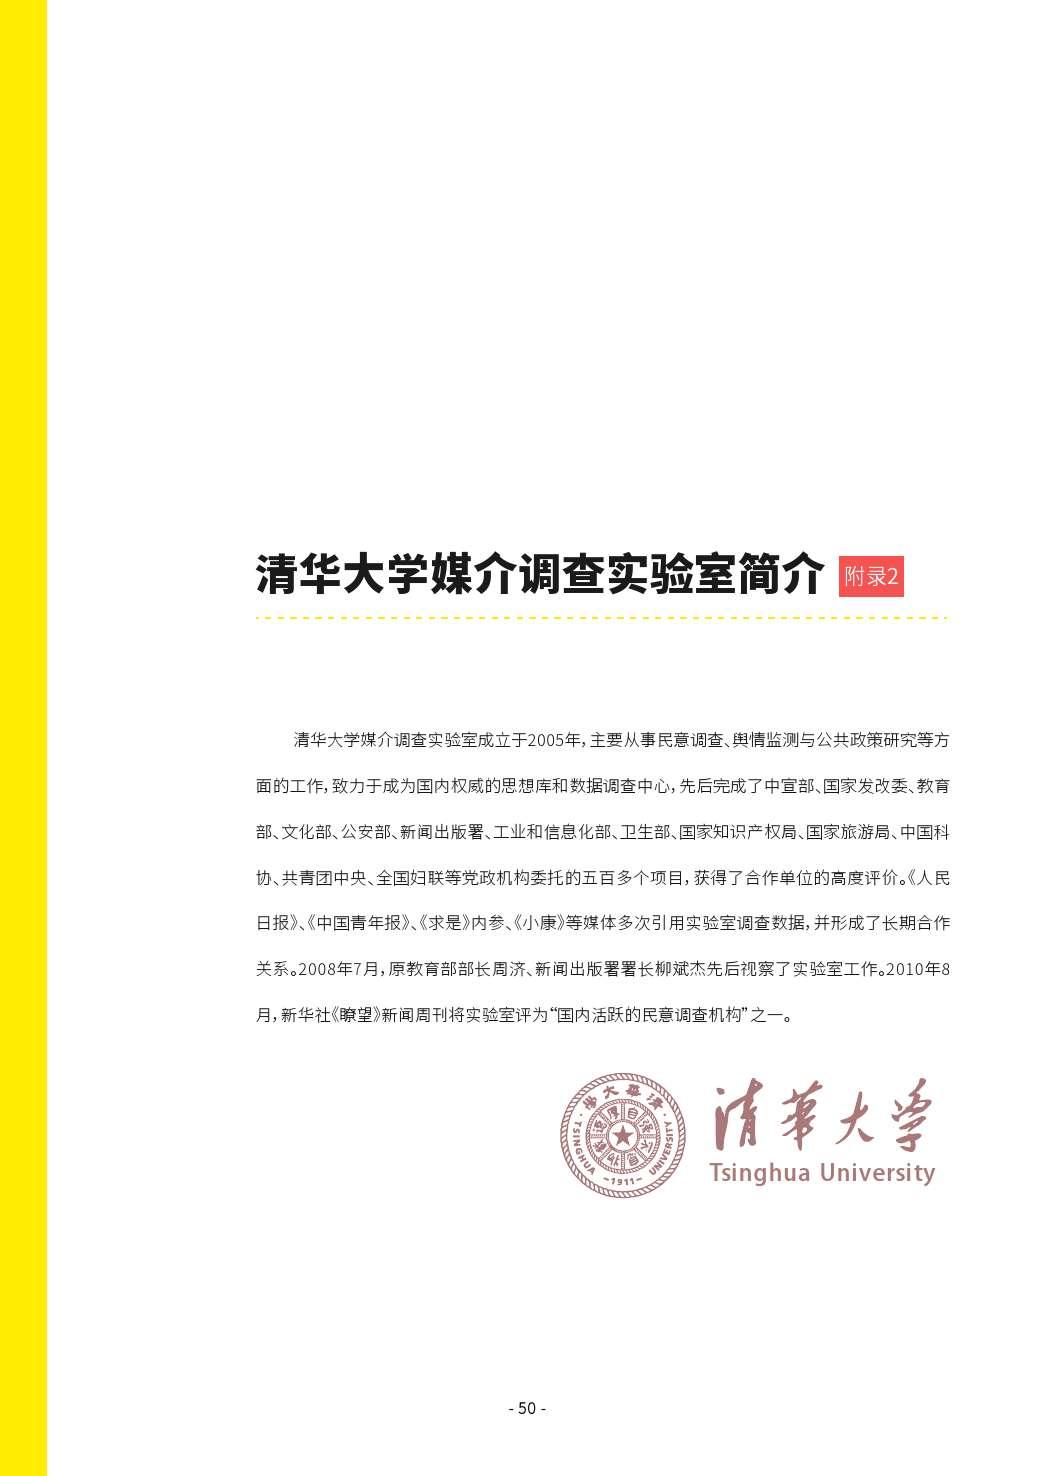 第二届中国LGBT群体消费调查报告_000050